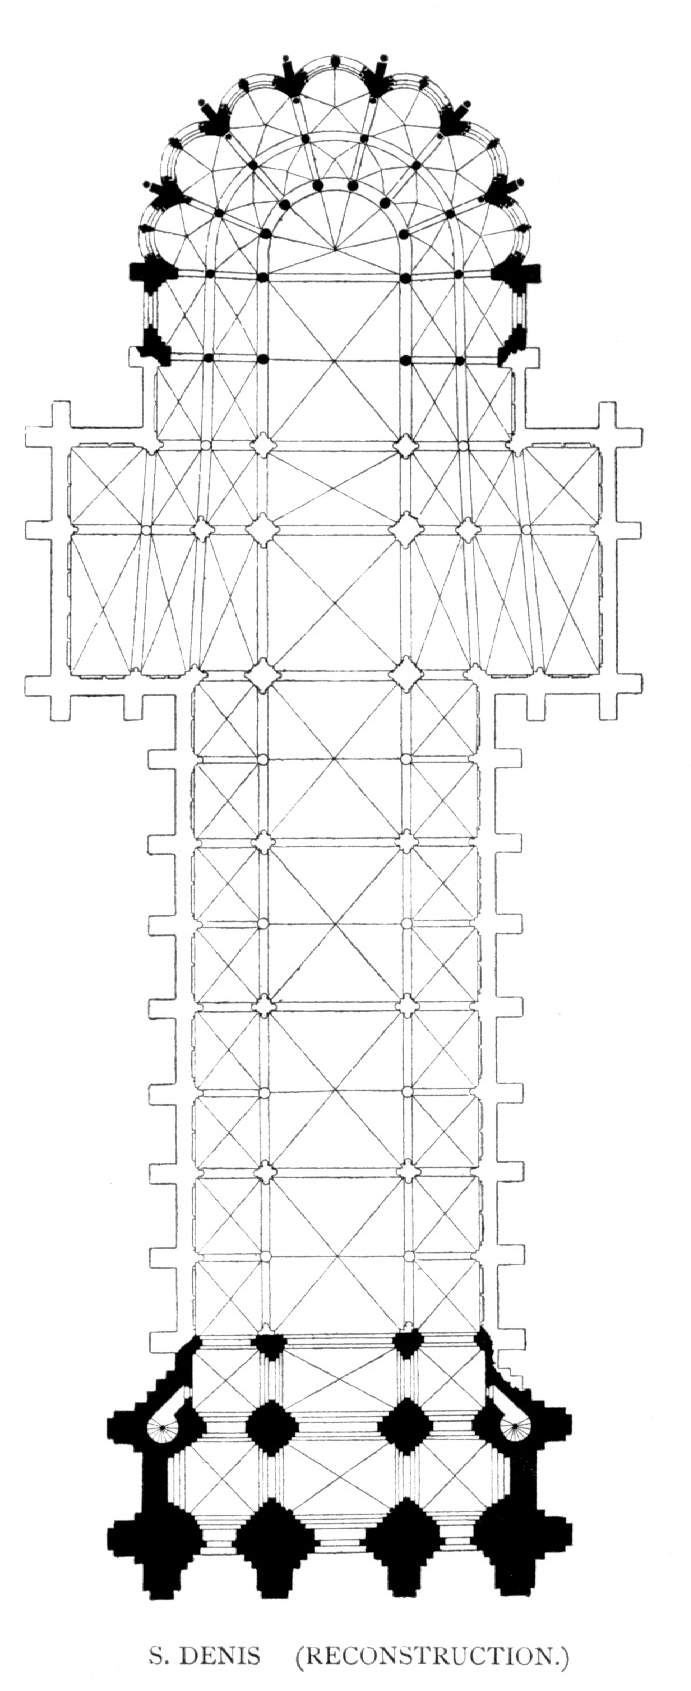 plan cule Saint-Denis